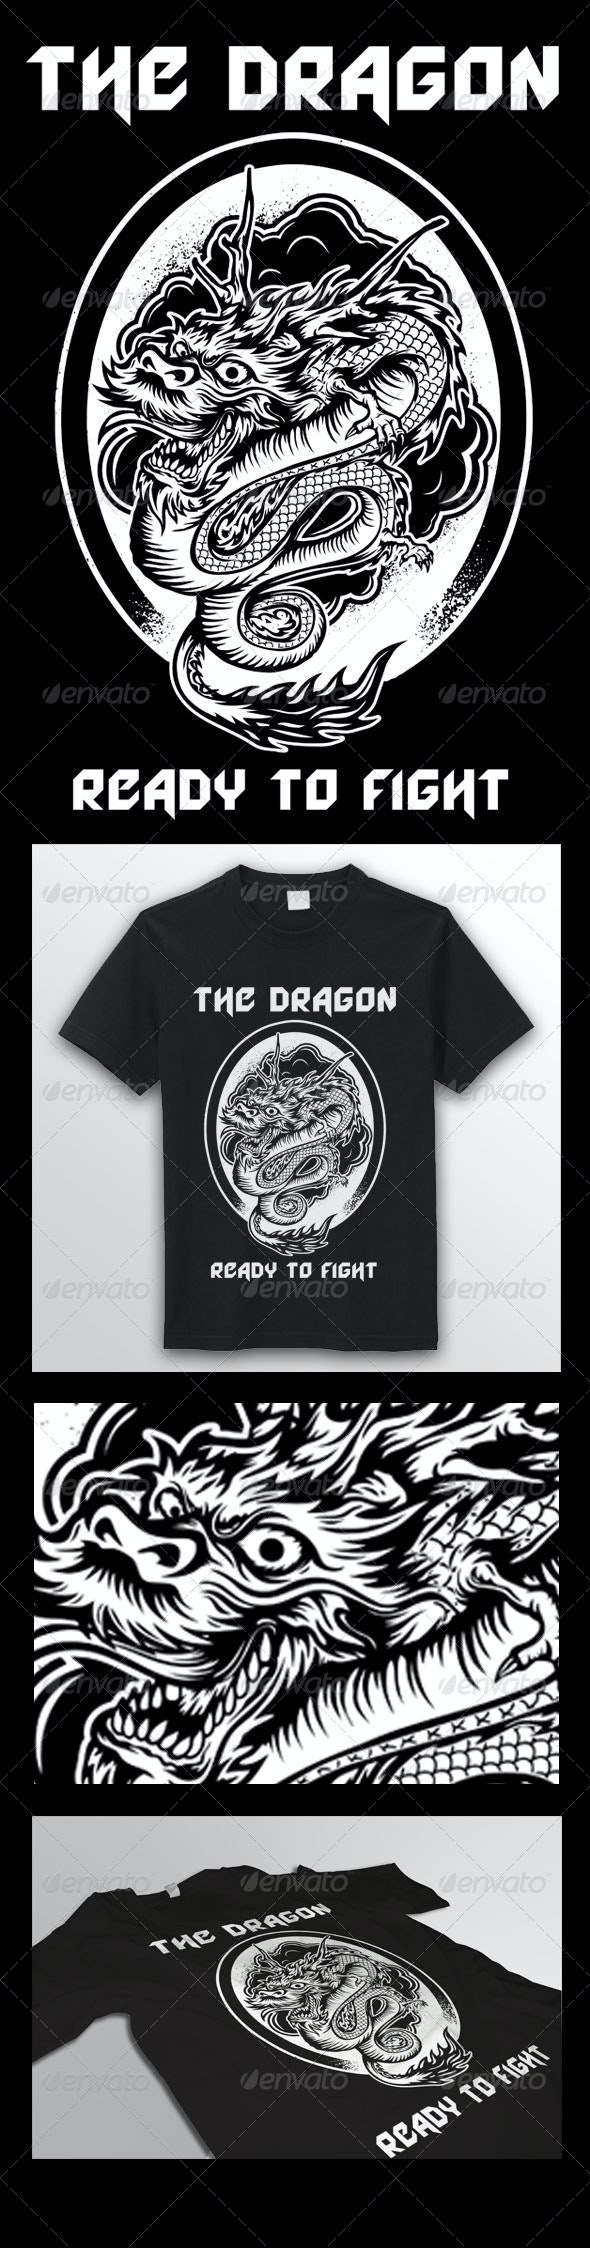 Dragon T-Shirt - Designs T-Shirts